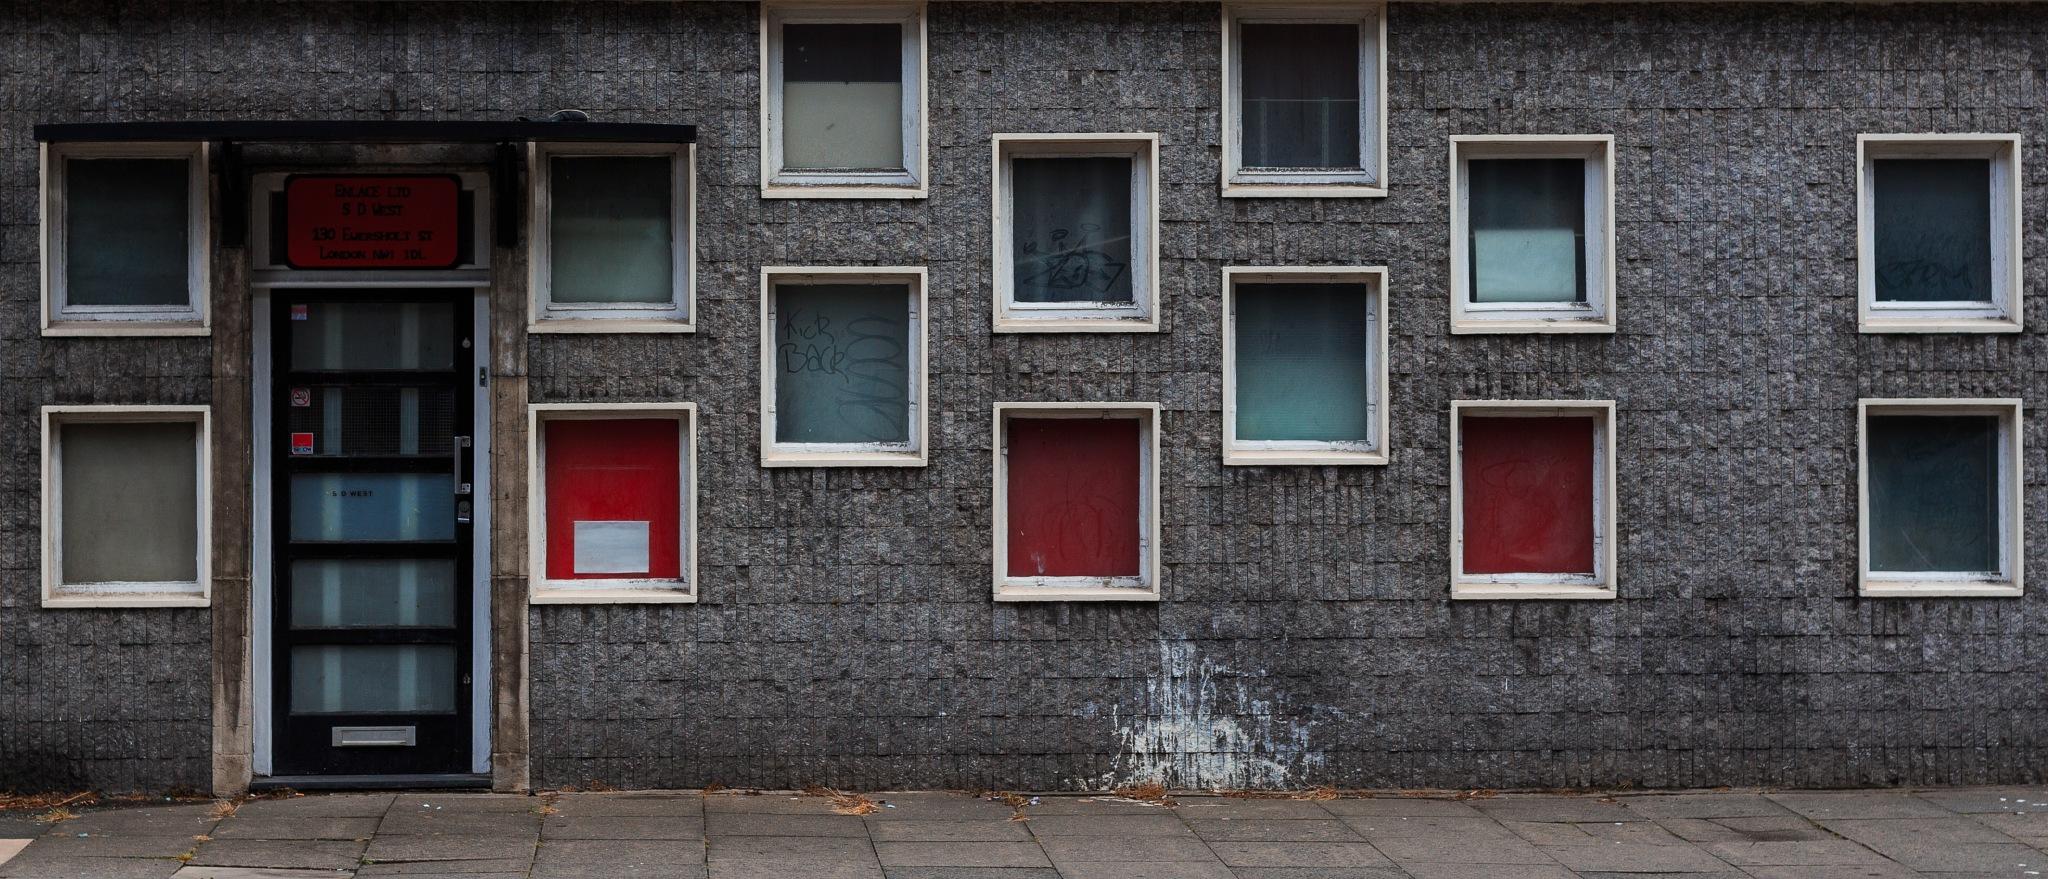 windows by Tavi Ionescu